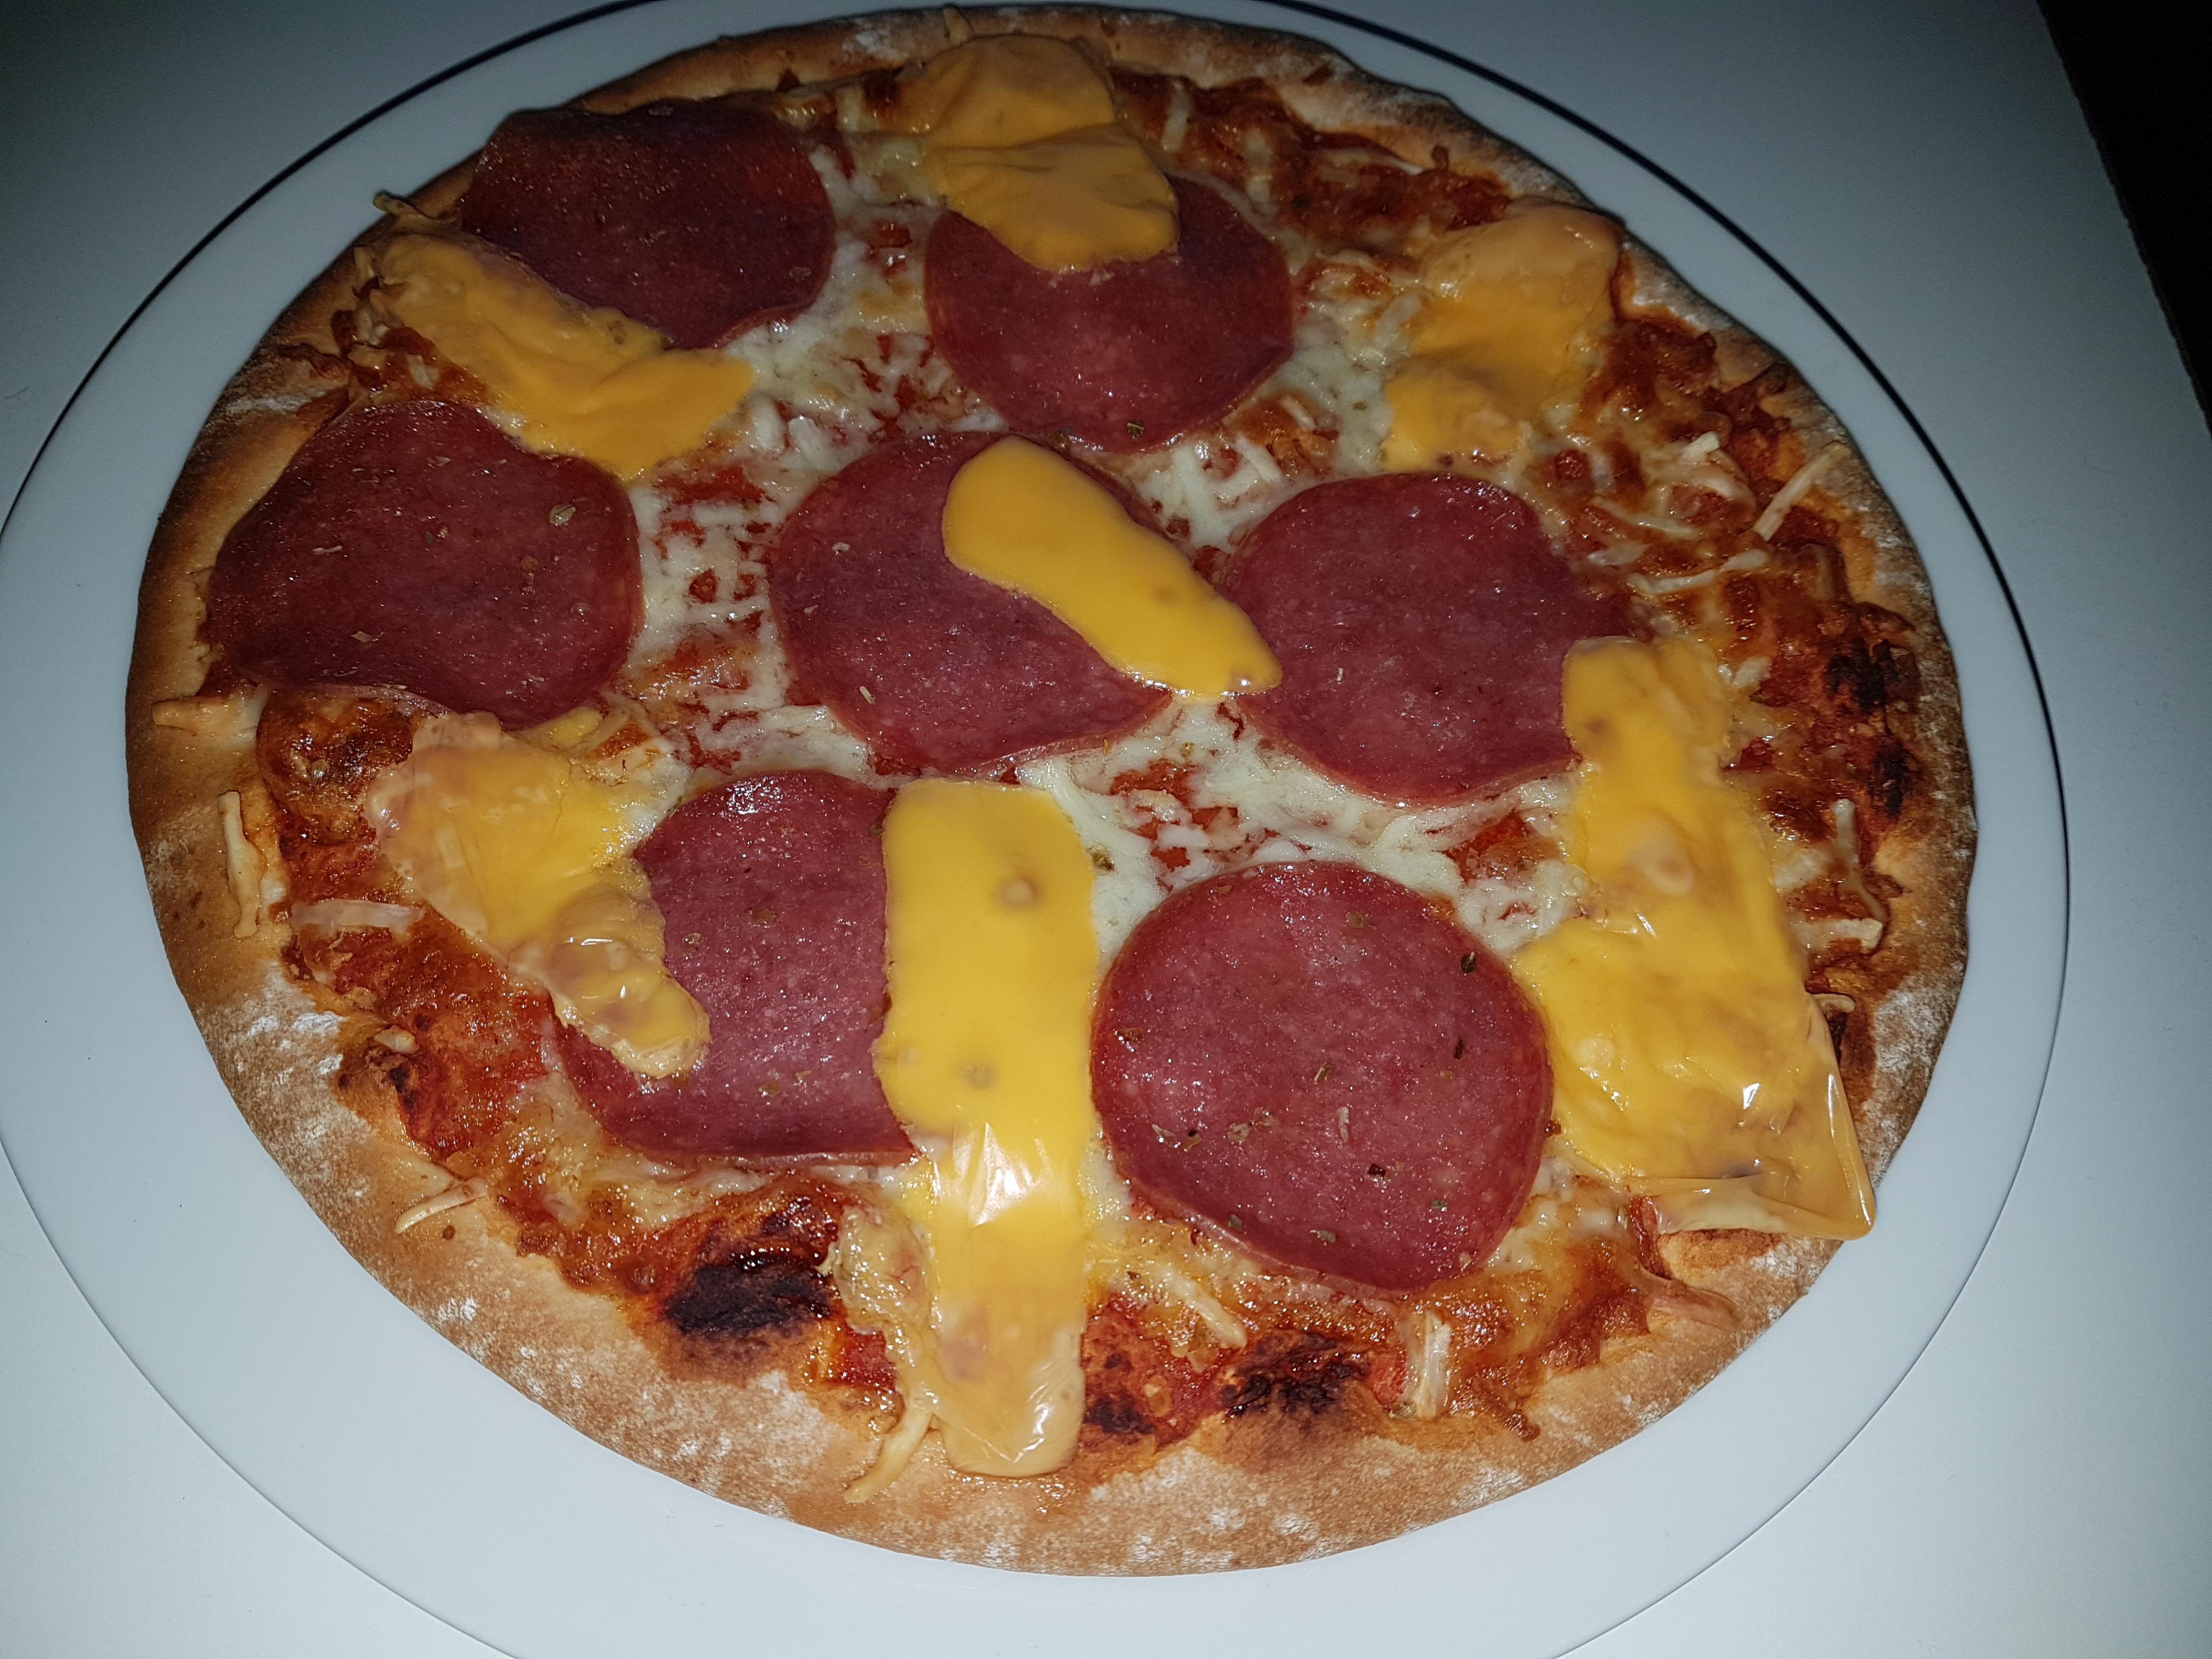 https://foodloader.net/Holz_2018-05-30_Pizza.jpg